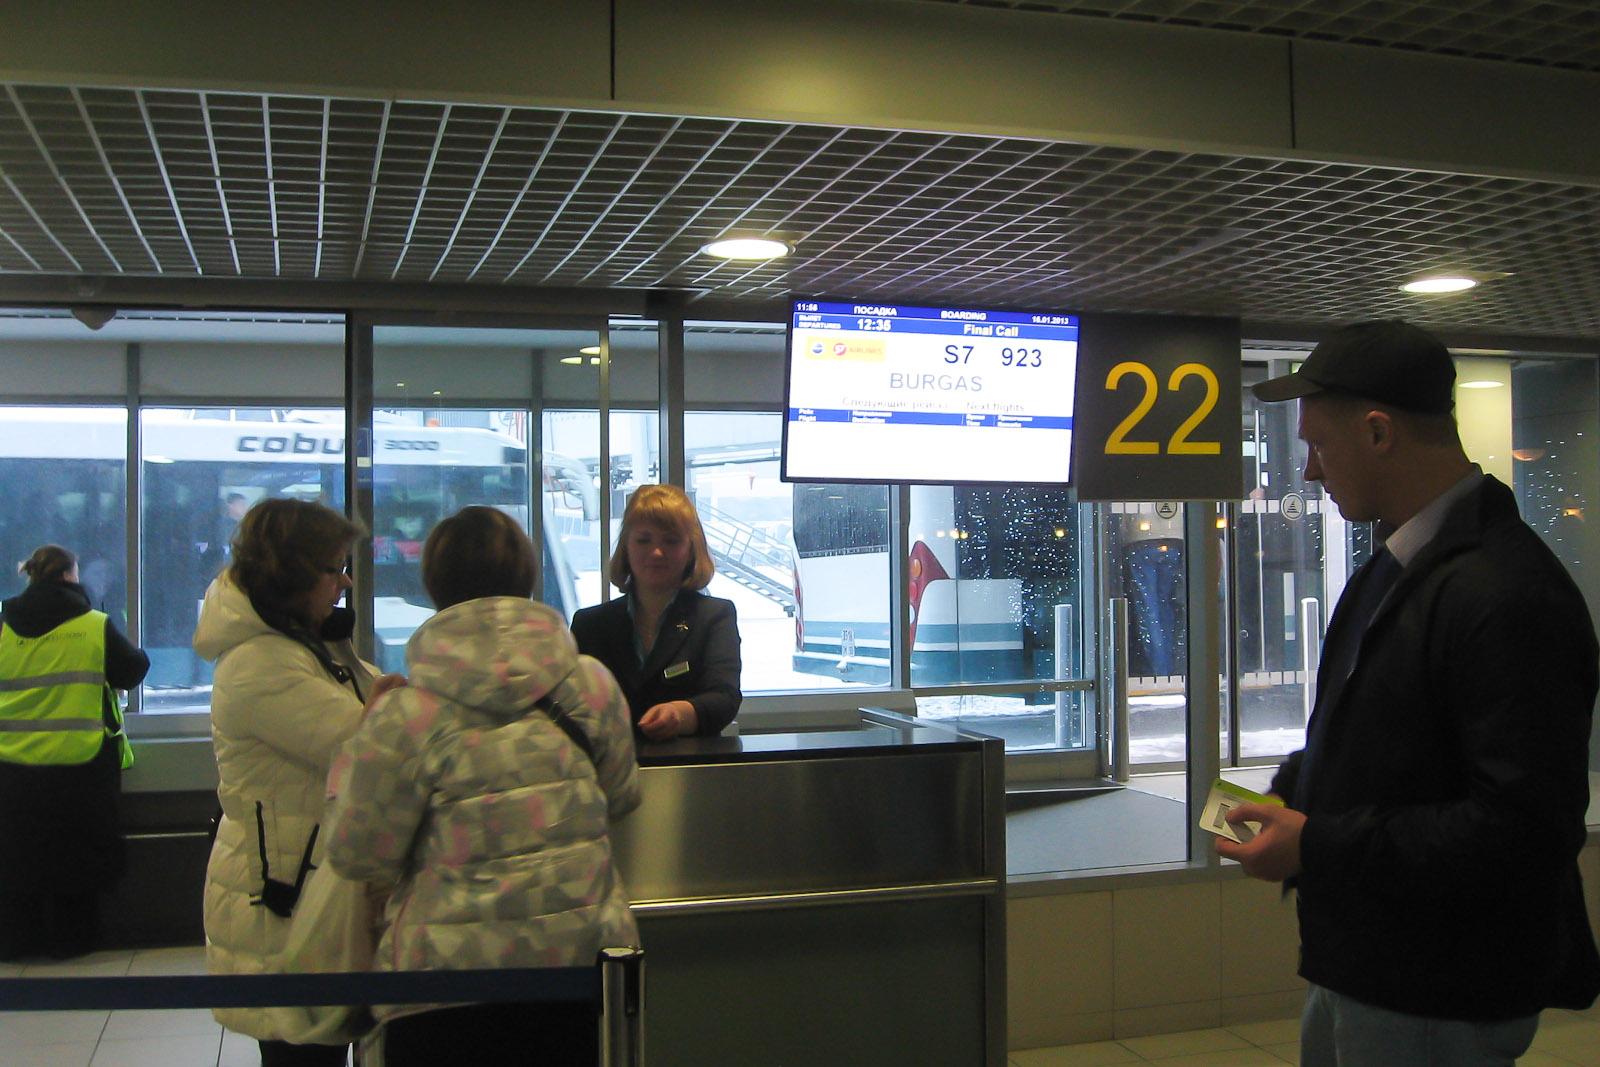 Посадка на рейс Москва-Бургас авиакомпании S7 Airlines